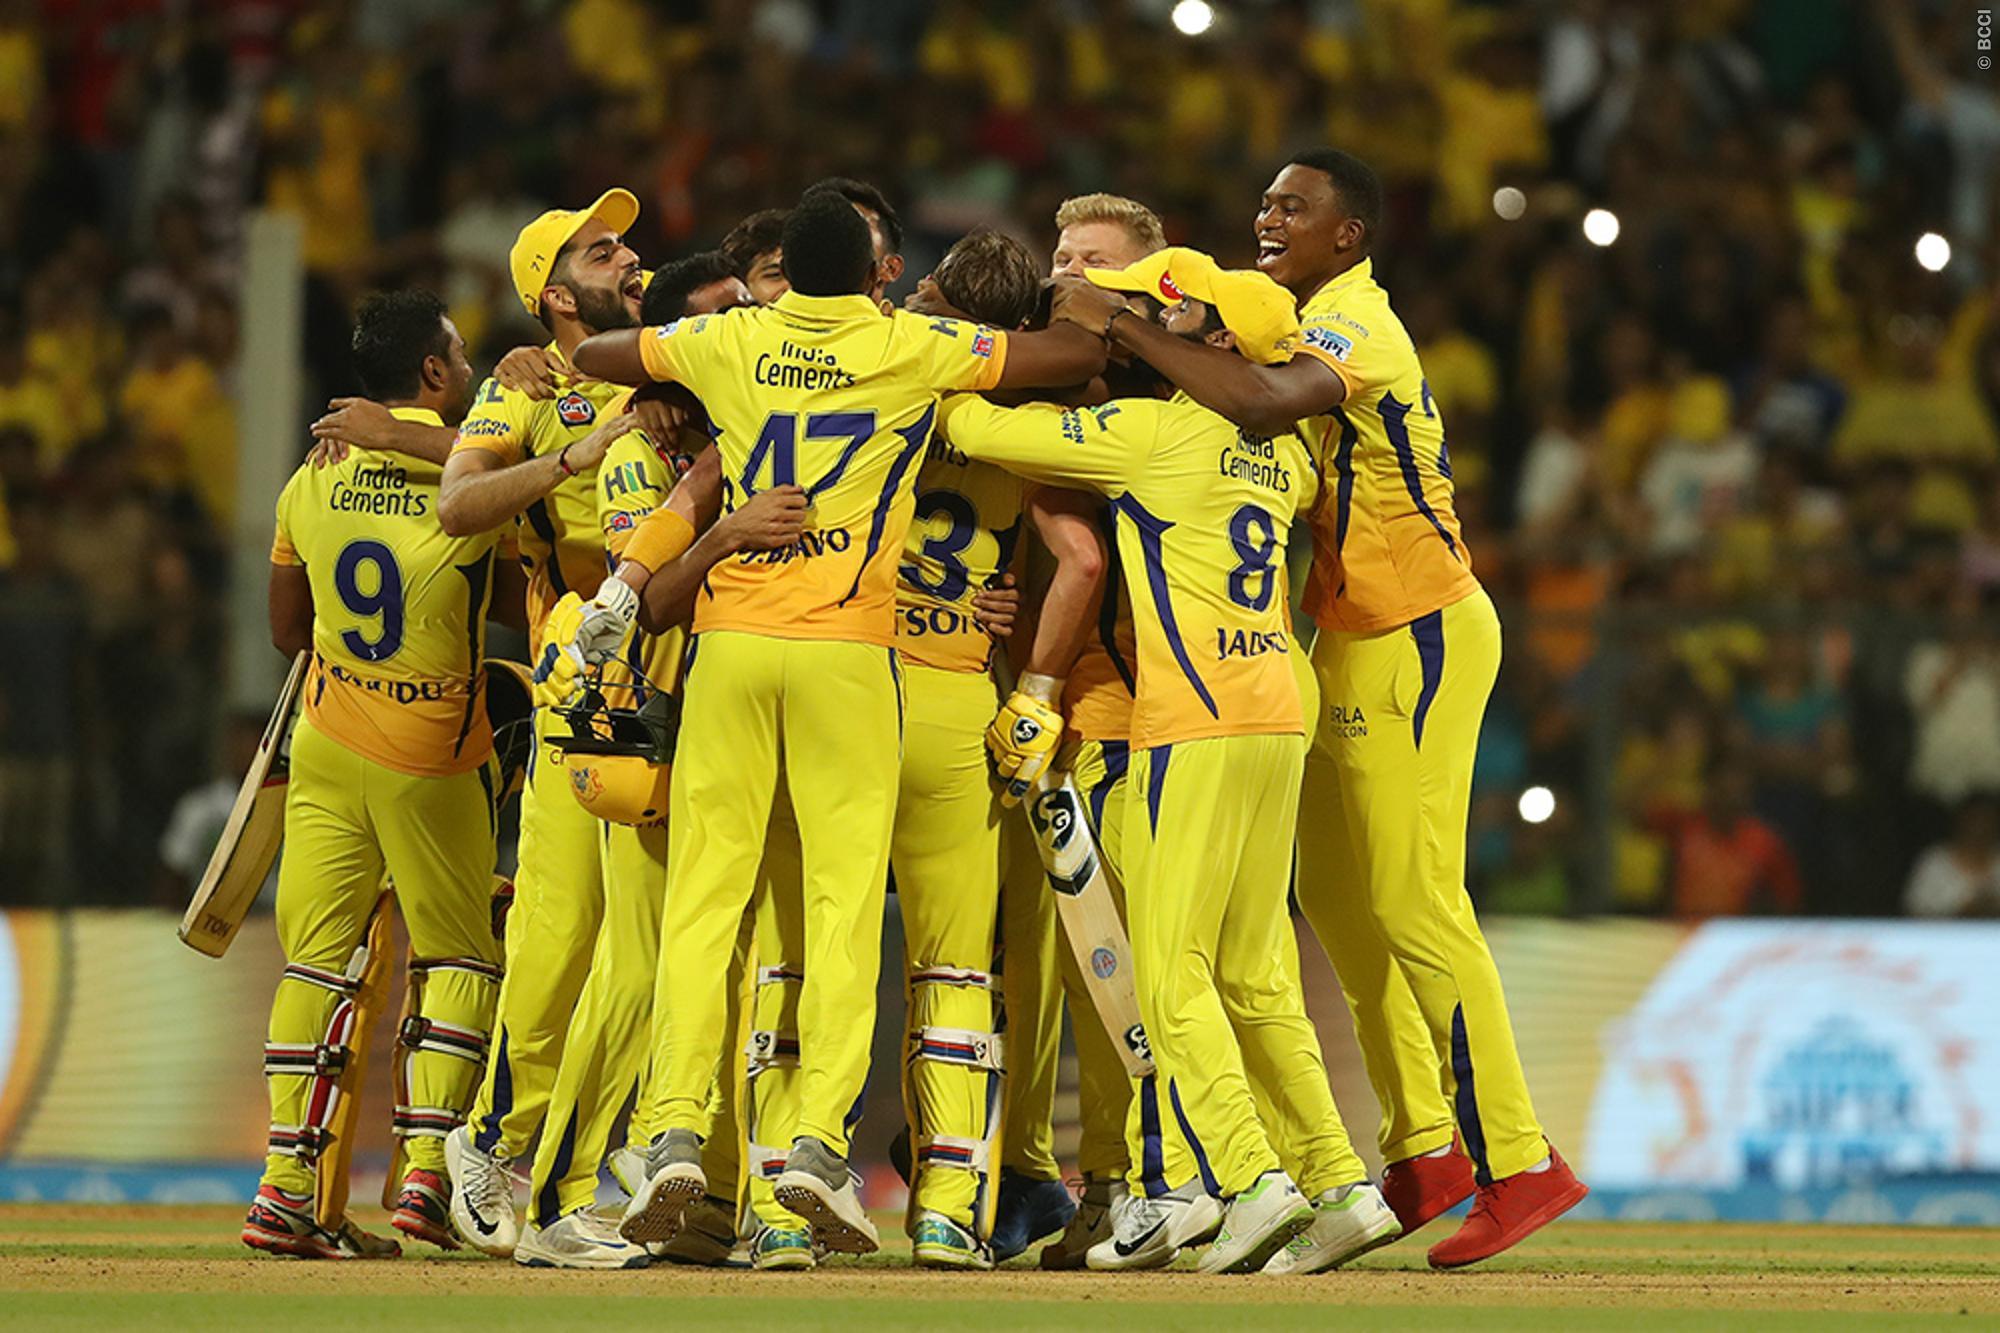 वीरेंद्र सहवाग ने चेन्नई के फाइनल जीतने के बाद धोनी को ख़ास अंदाज में दी बधाई 3